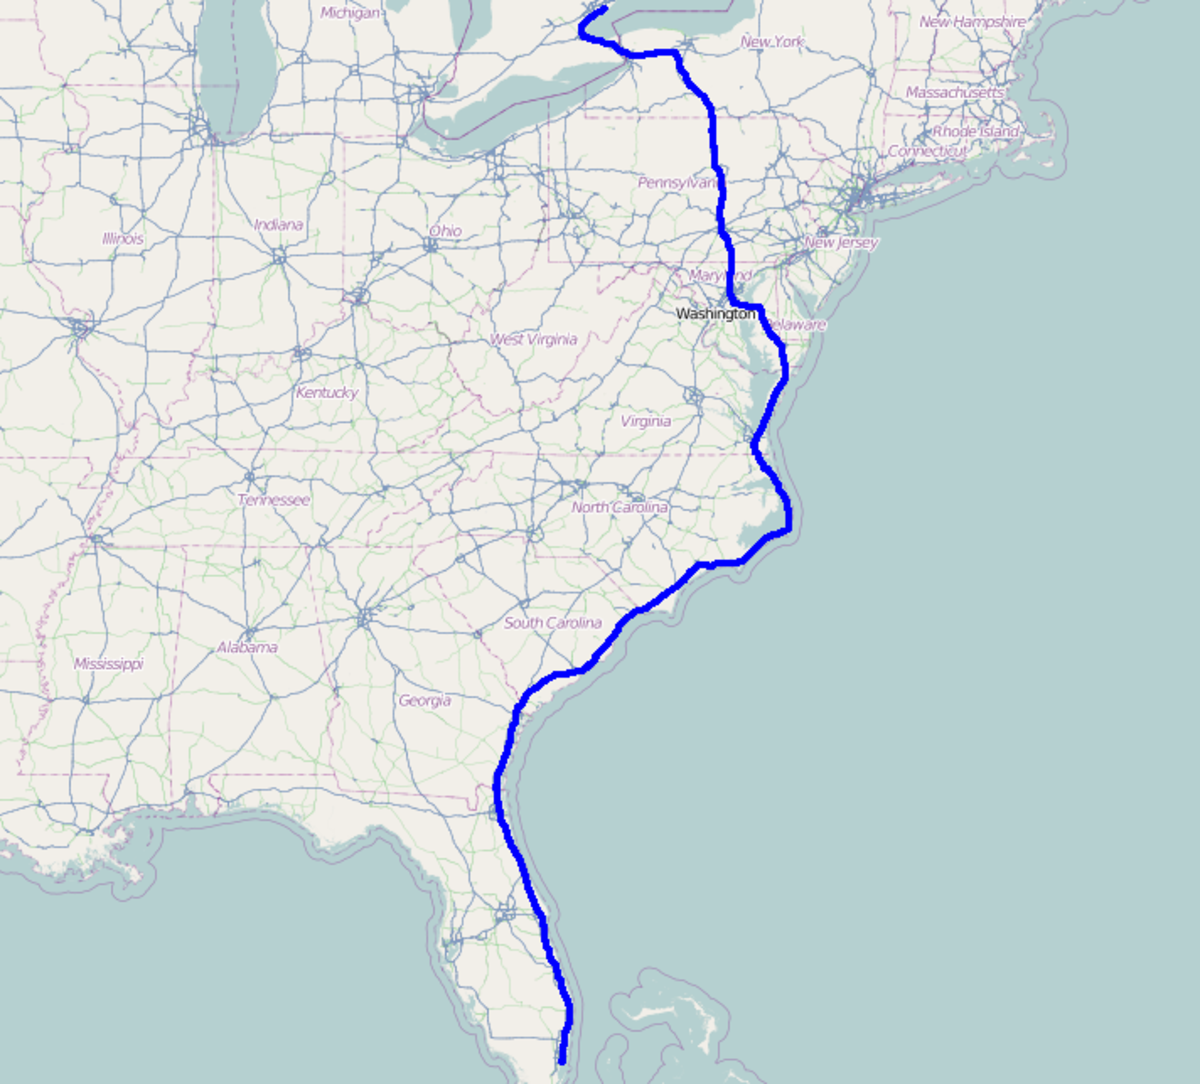 Toronto to Miami Beach on Bicycle